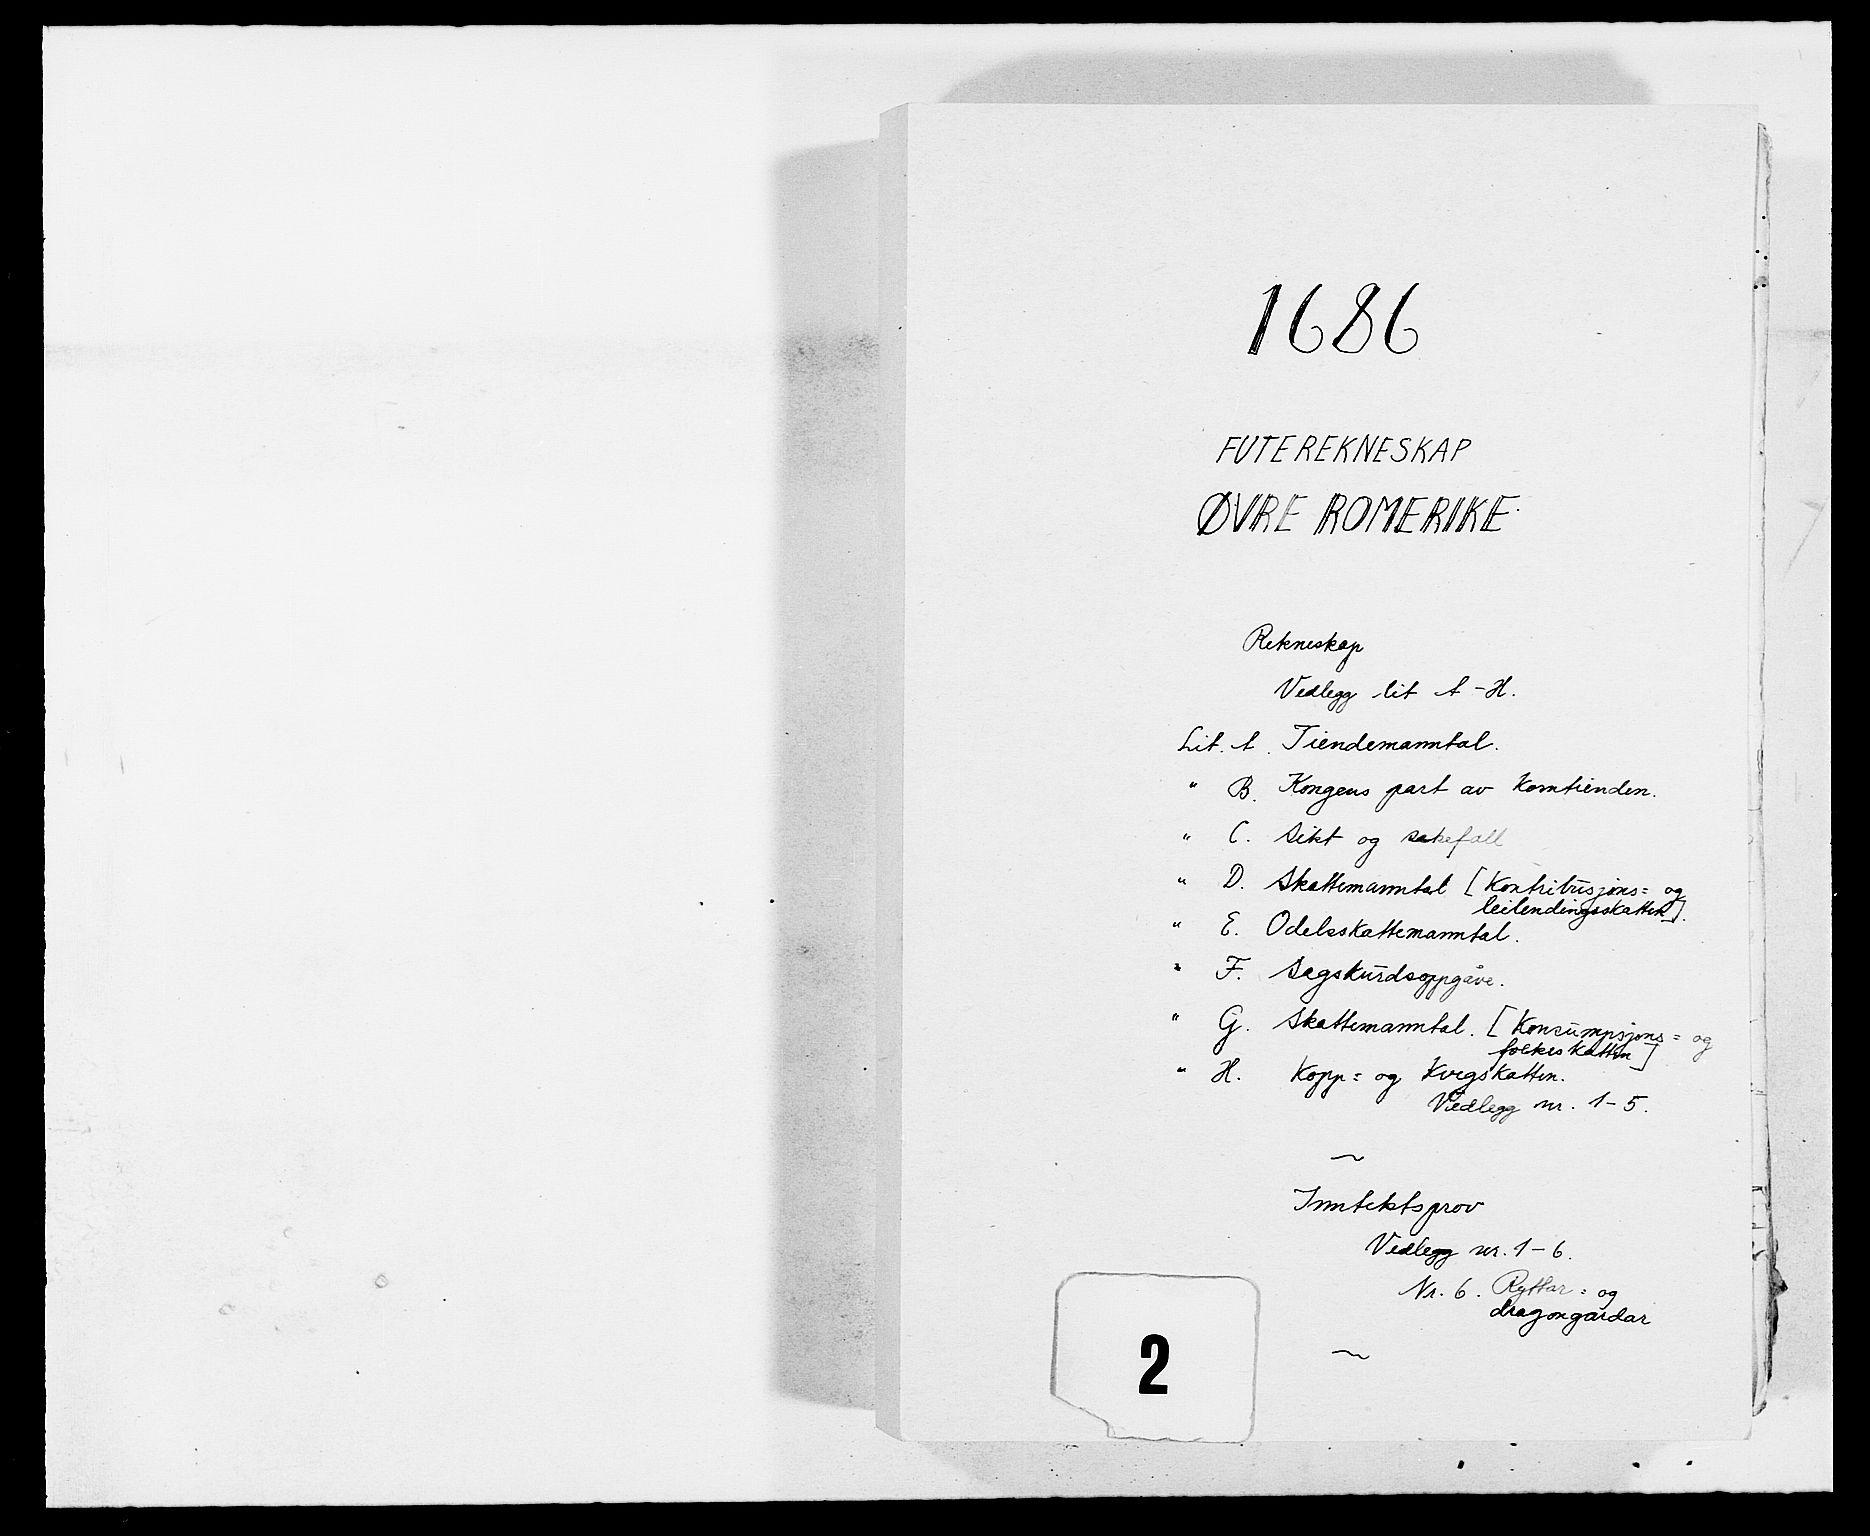 RA, Rentekammeret inntil 1814, Reviderte regnskaper, Fogderegnskap, R12/L0699: Fogderegnskap Øvre Romerike, 1685-1686, s. 157